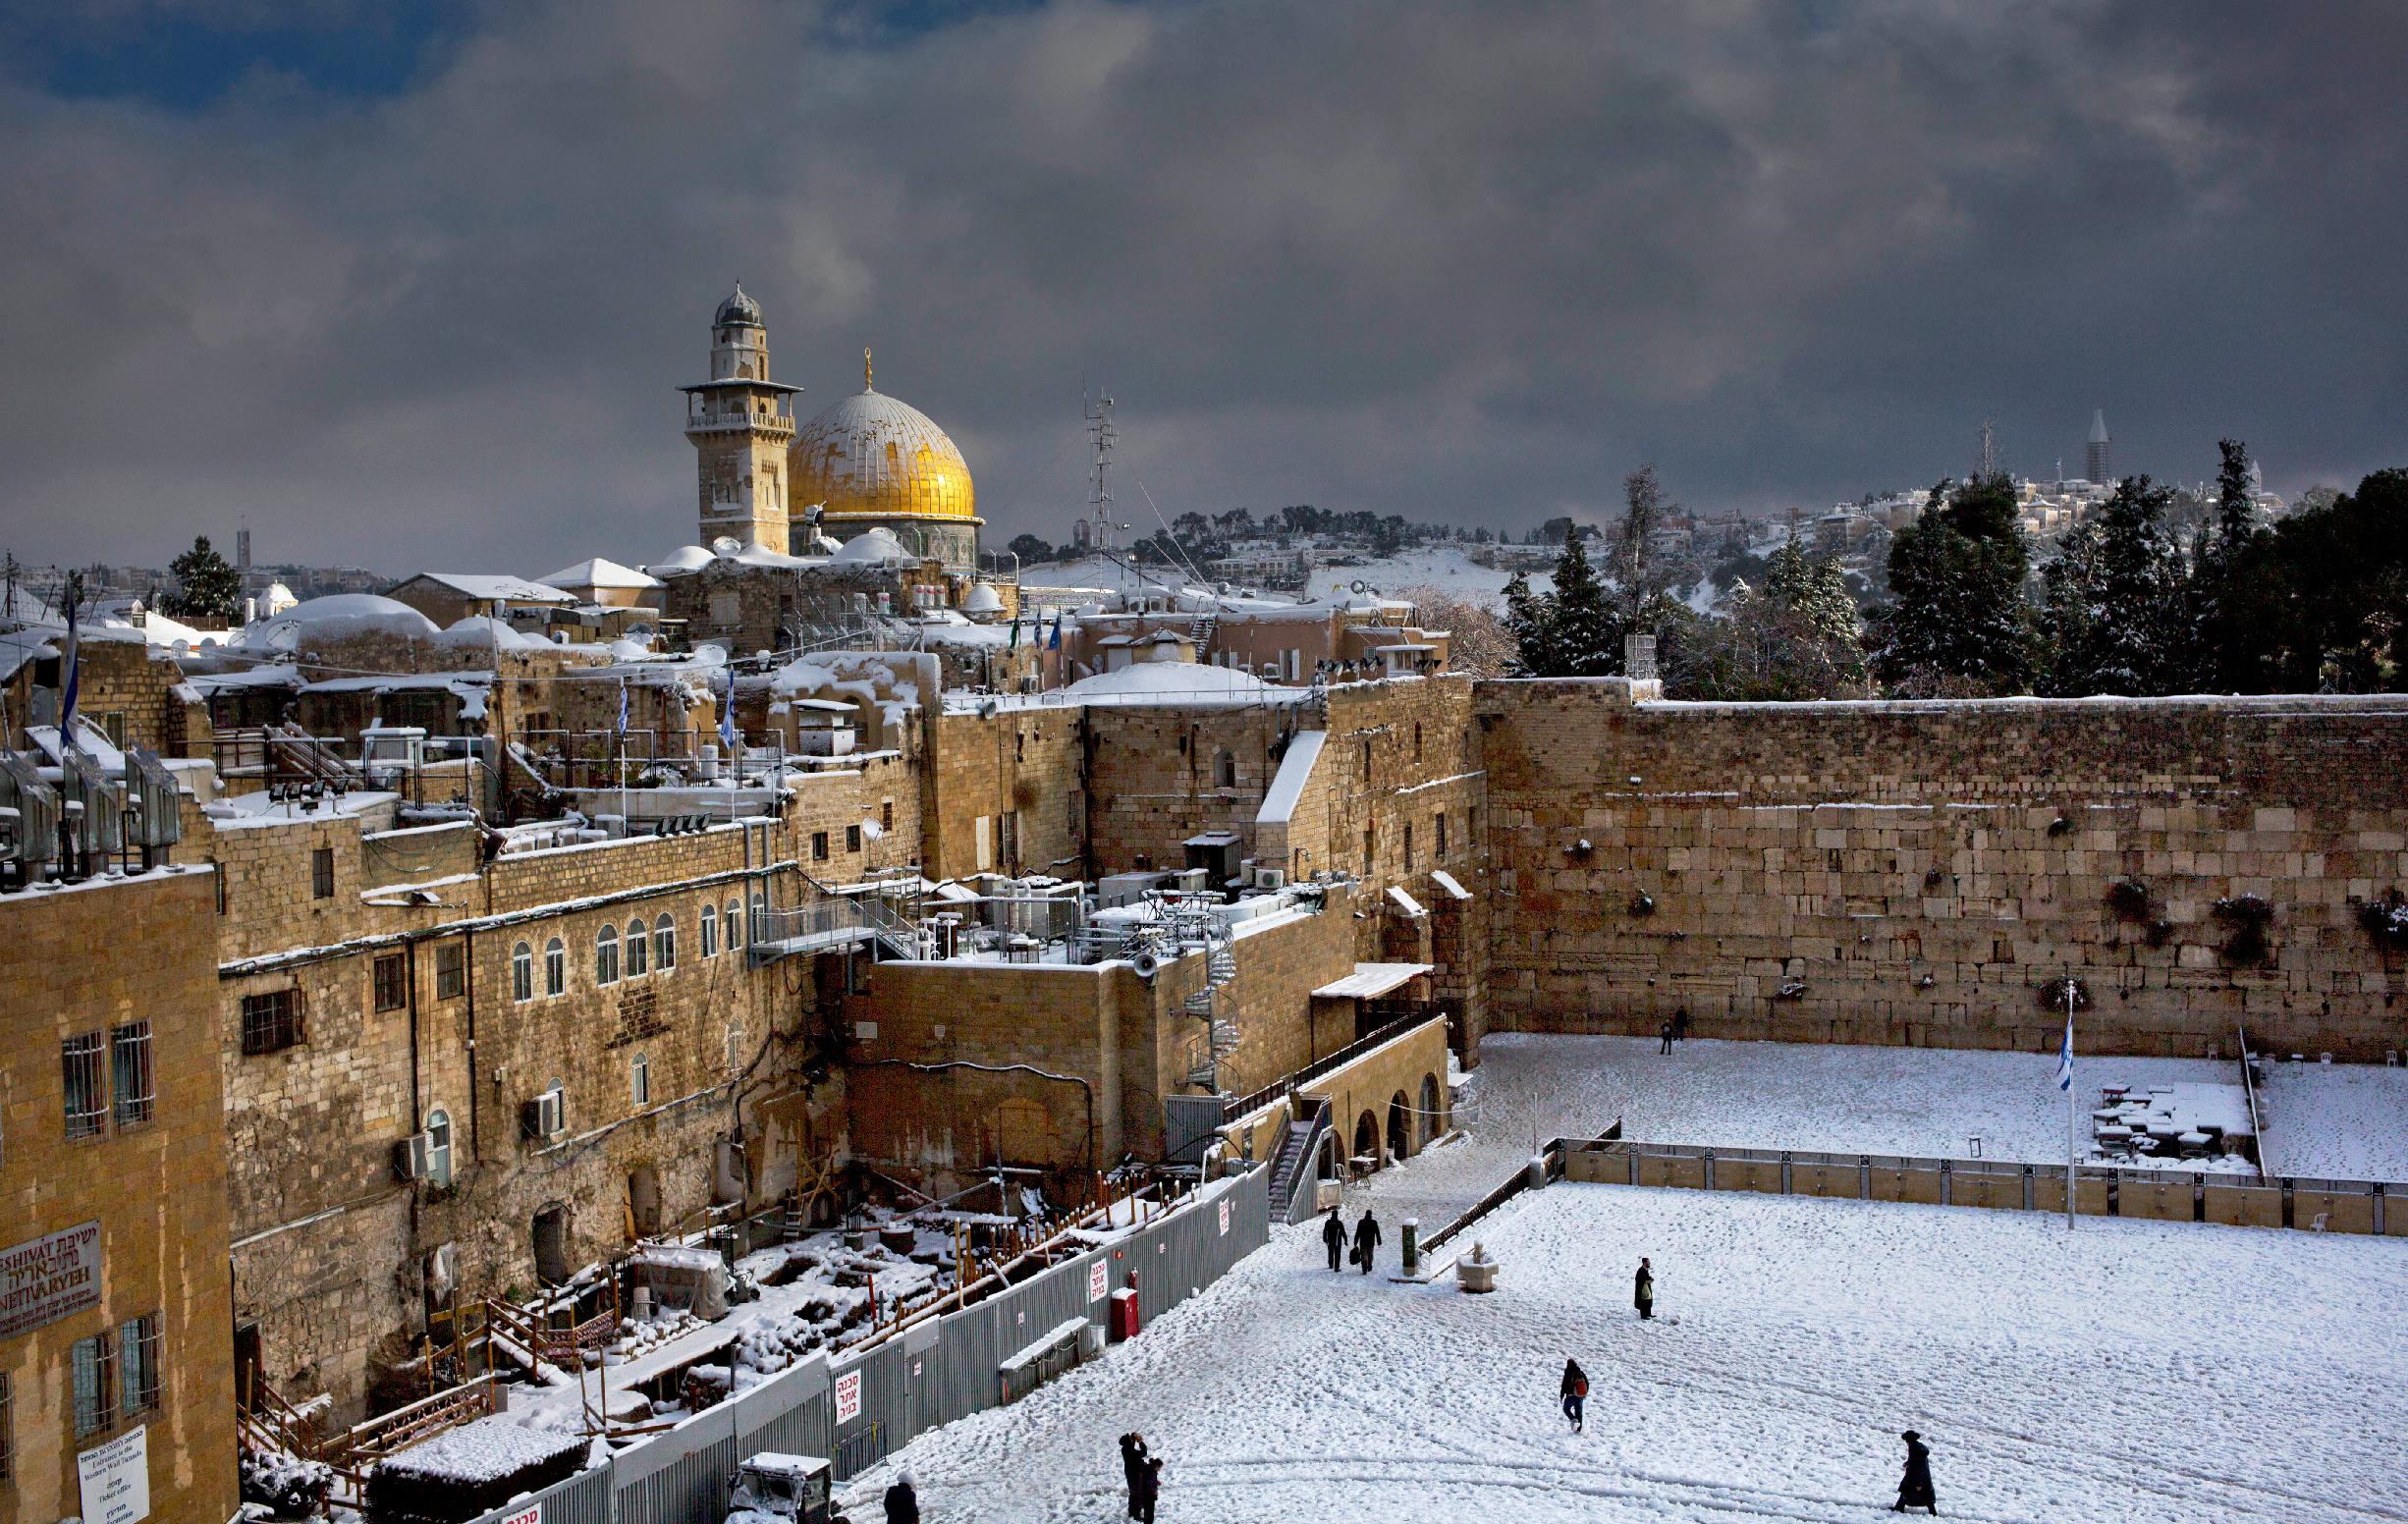 上图:一场罕见的暴风雪之后的圣殿山。2013年12月13日,耶路撒冷降雪40-70厘米。耶路撒冷的冬天并不经常下雪,1950年和2013年是一百四十年来最大的两次。但在北部的黑门山则每年都下雪。